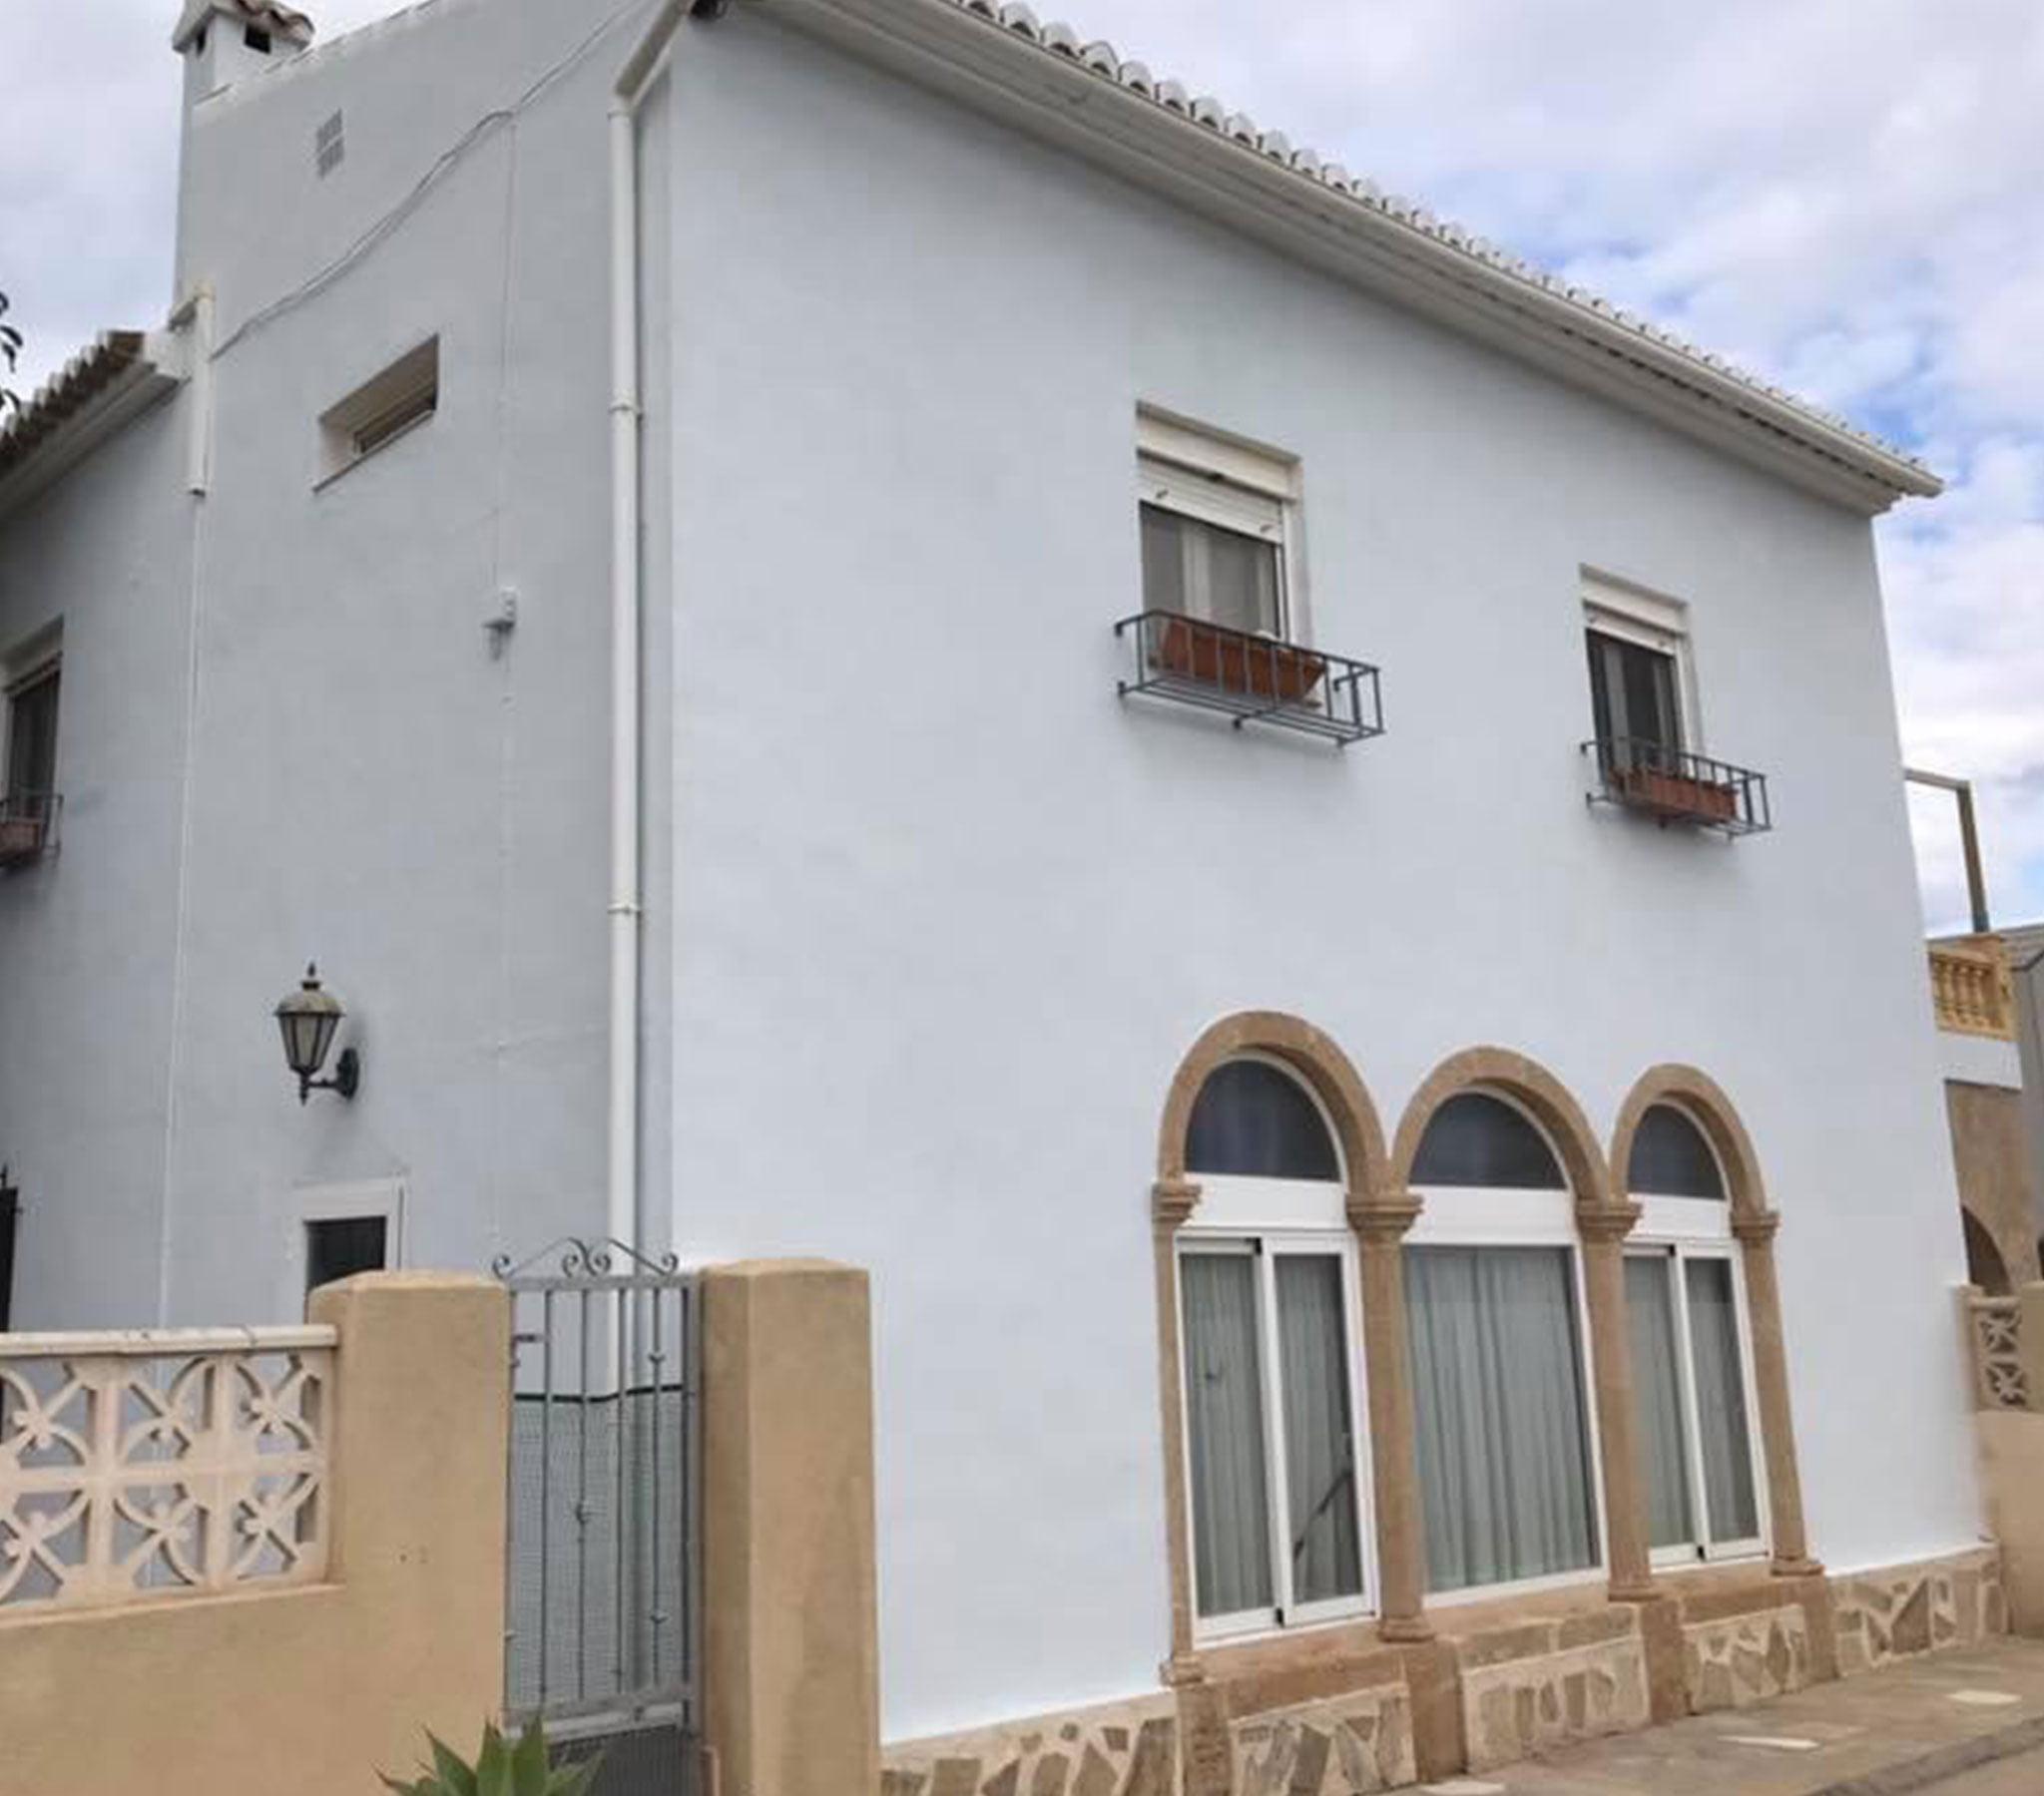 Después de la remodelación de una fachada – Pinturas Juanvi Ortolà